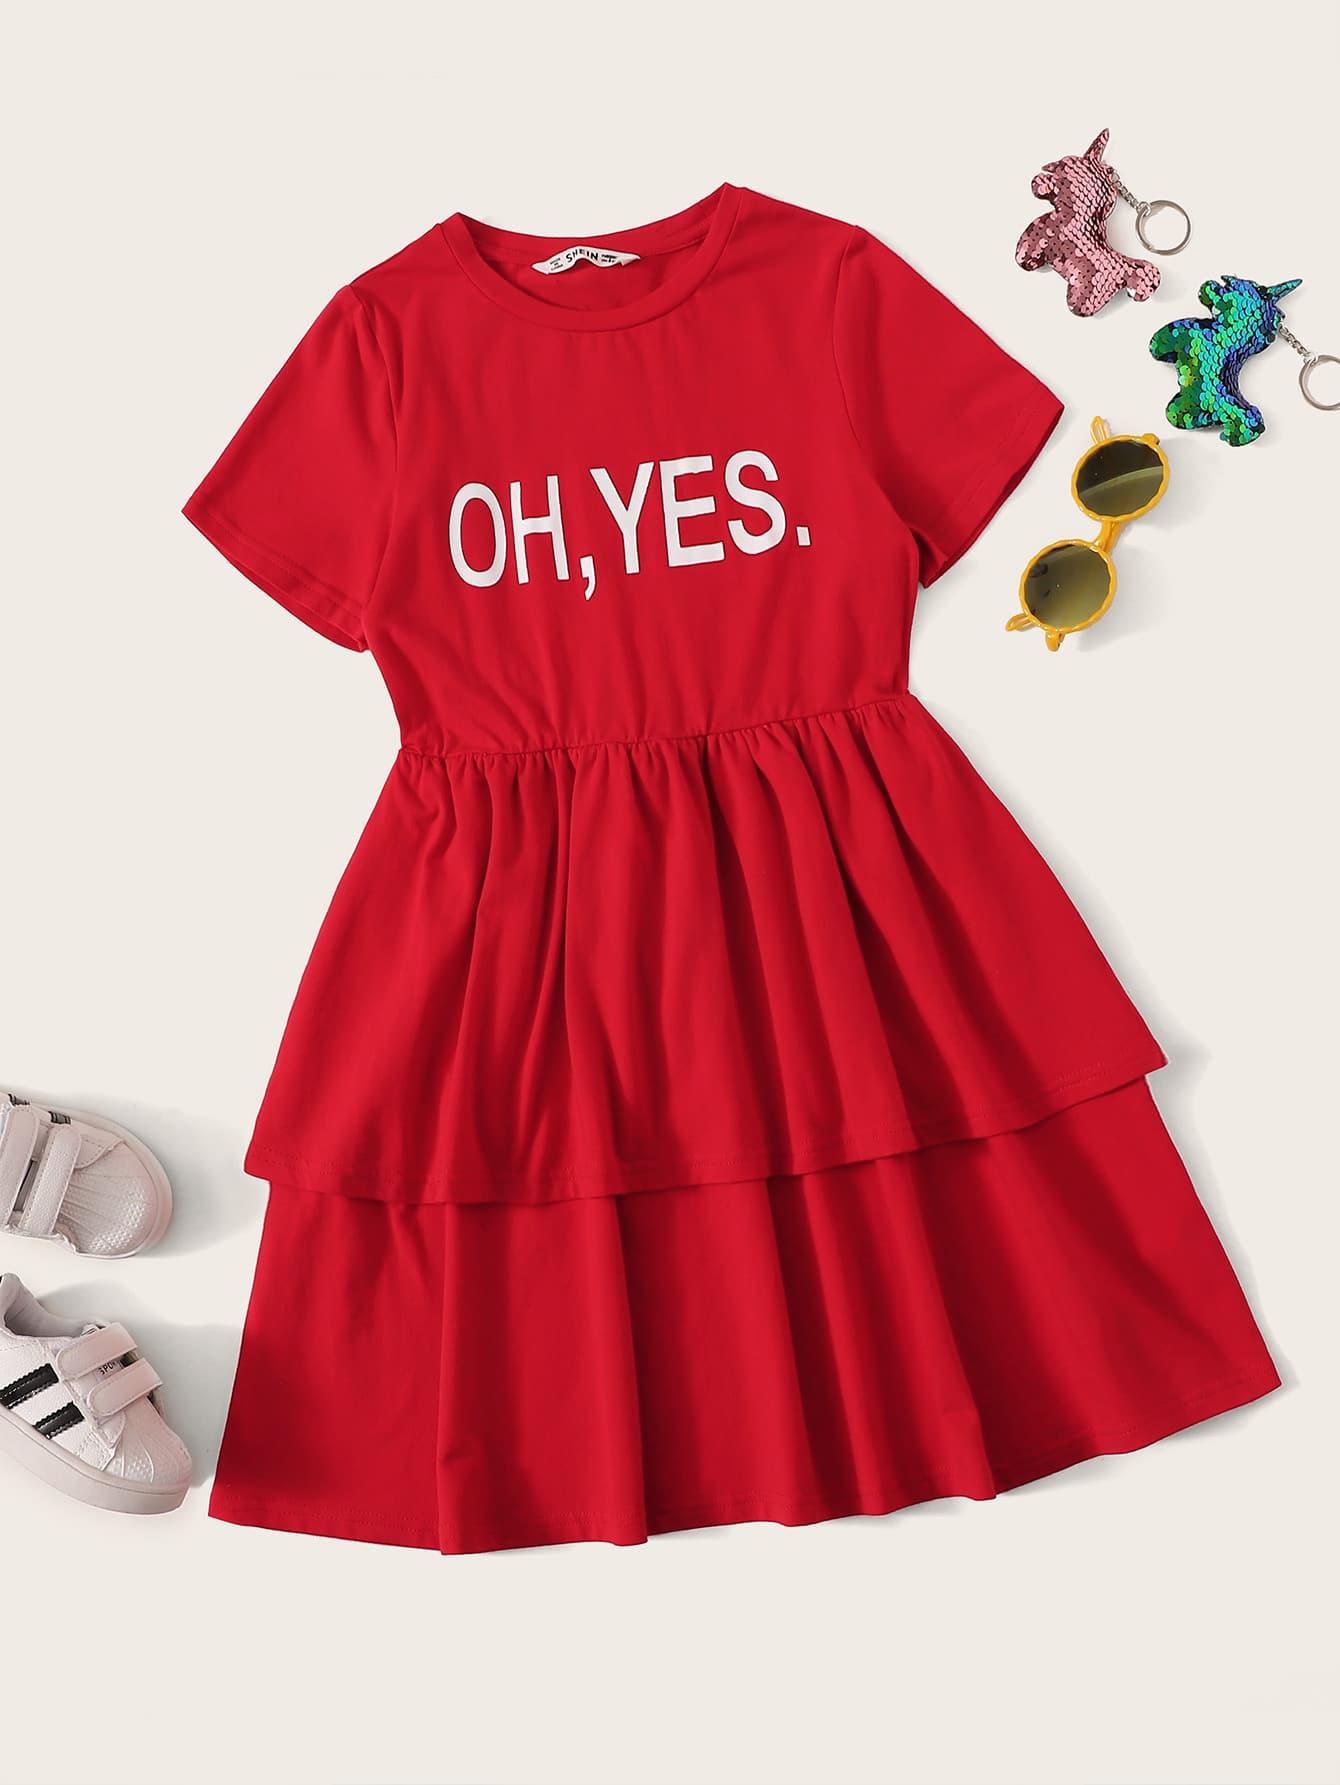 Фото - Платье с многослойными оборками и текстовым принтом от SheIn цвет красные